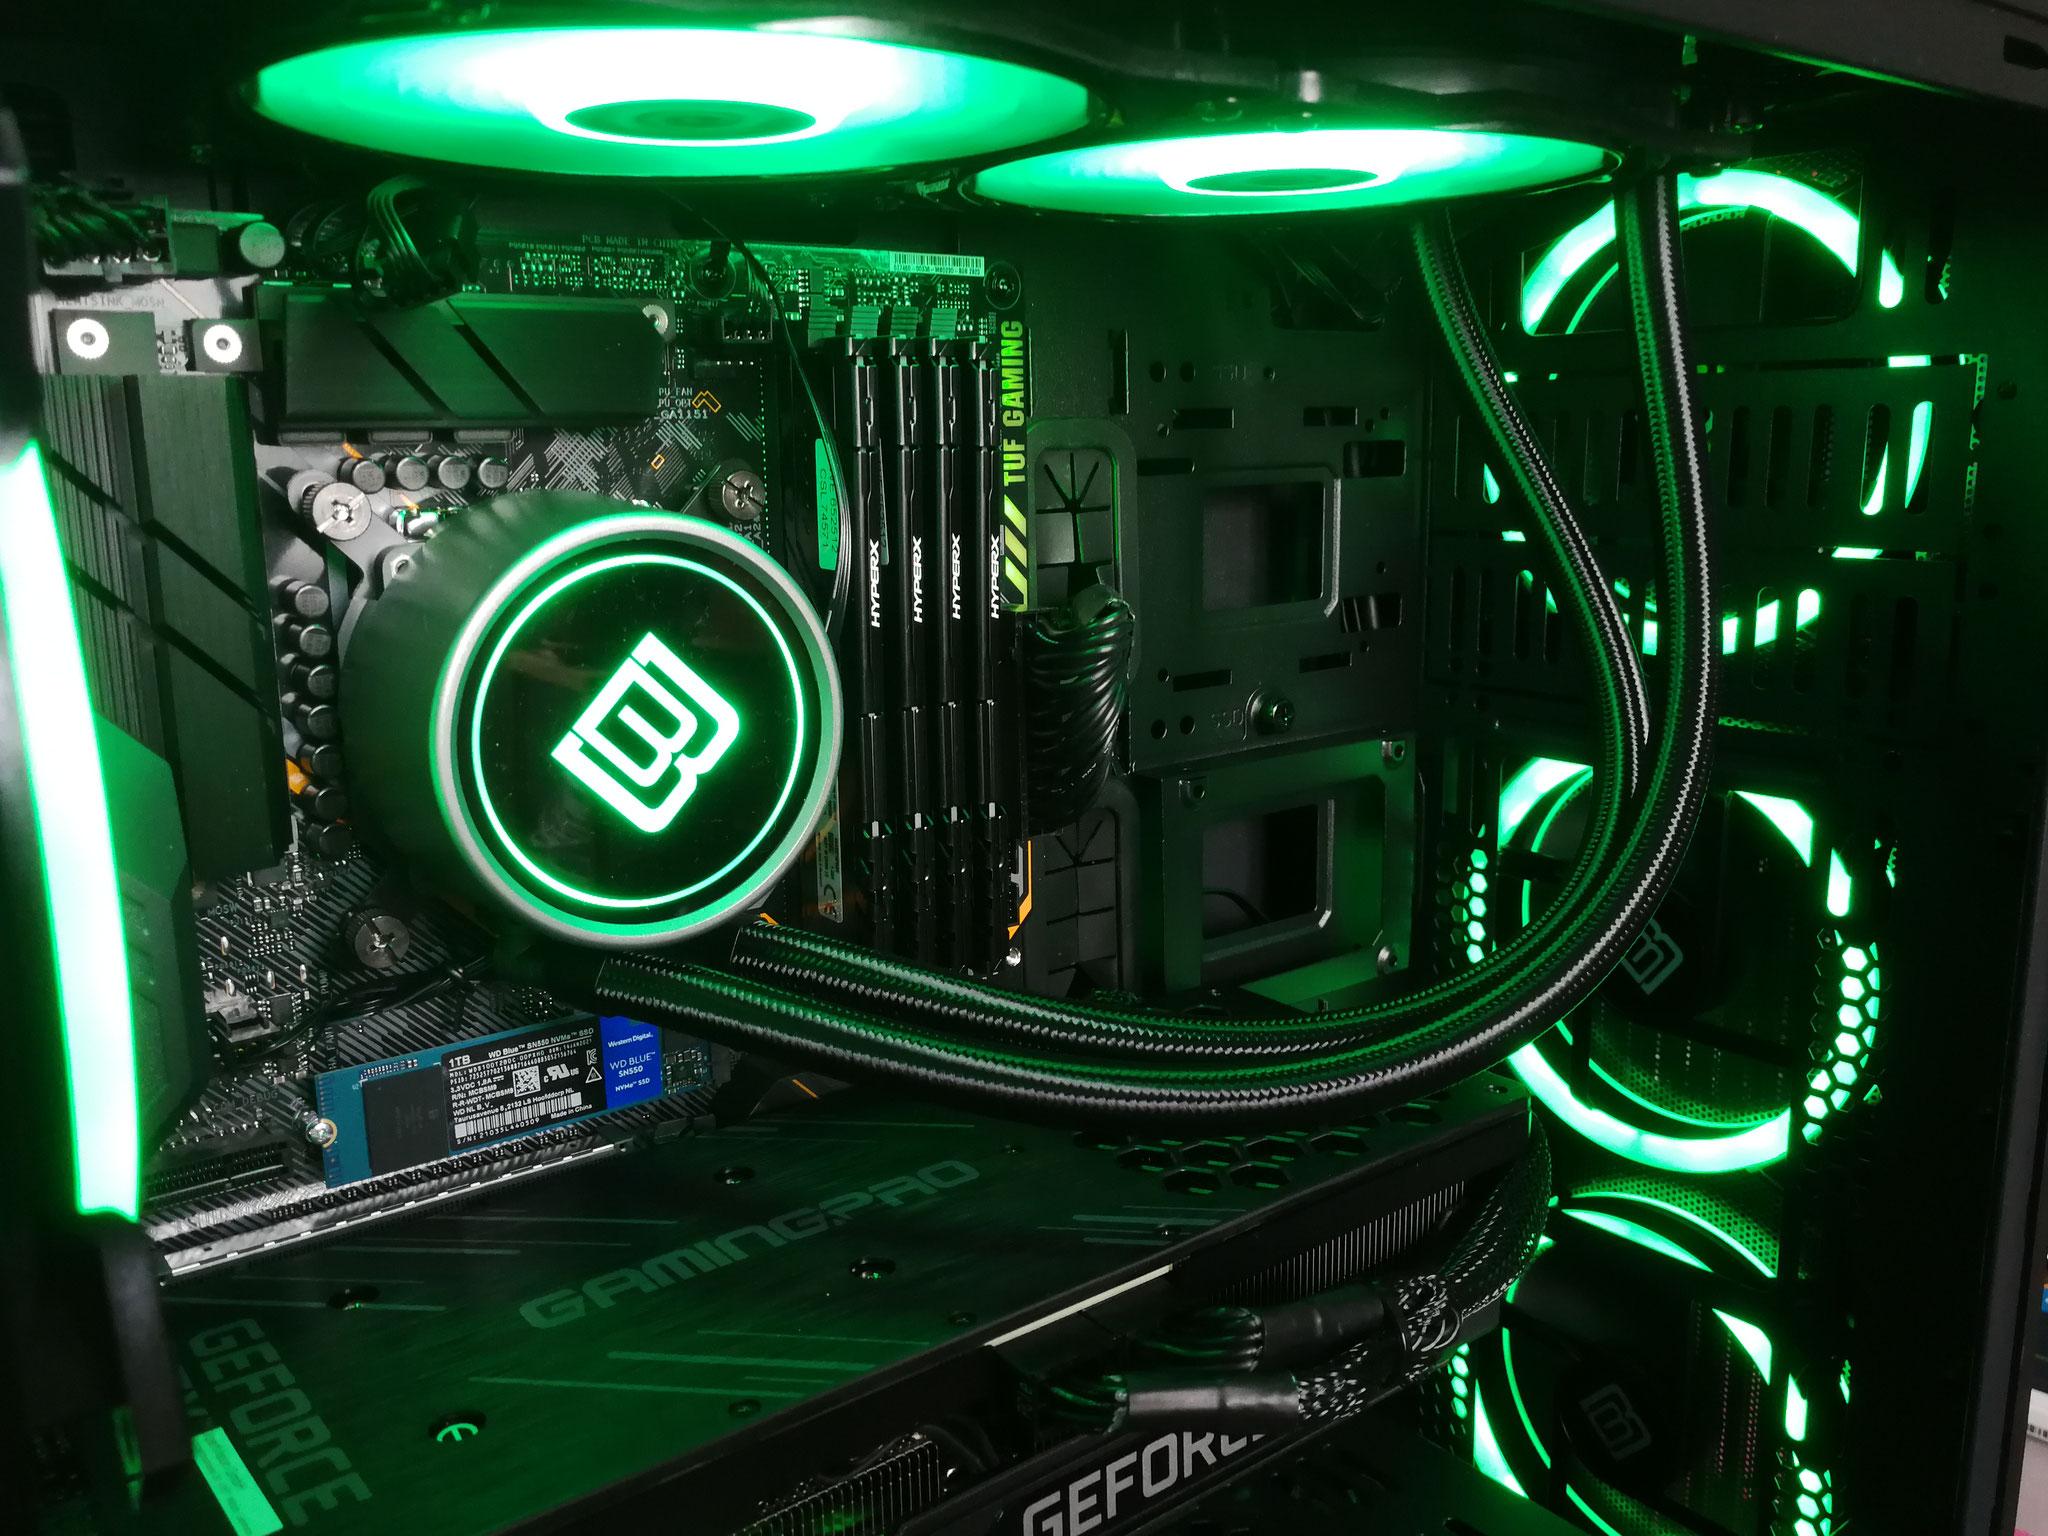 Max. Framerate. Max. Qualität. GeForce RTX 3090. Wir sind zufrieden, wenn unser Kunde Spaß hat!